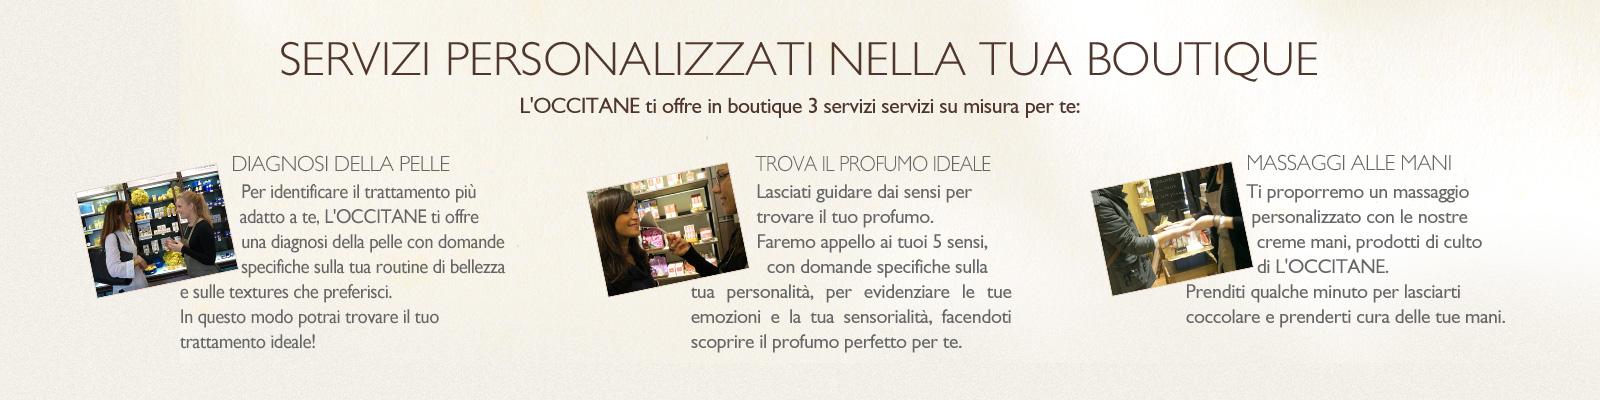 Servizi in Boutique - L'Occitane Italia